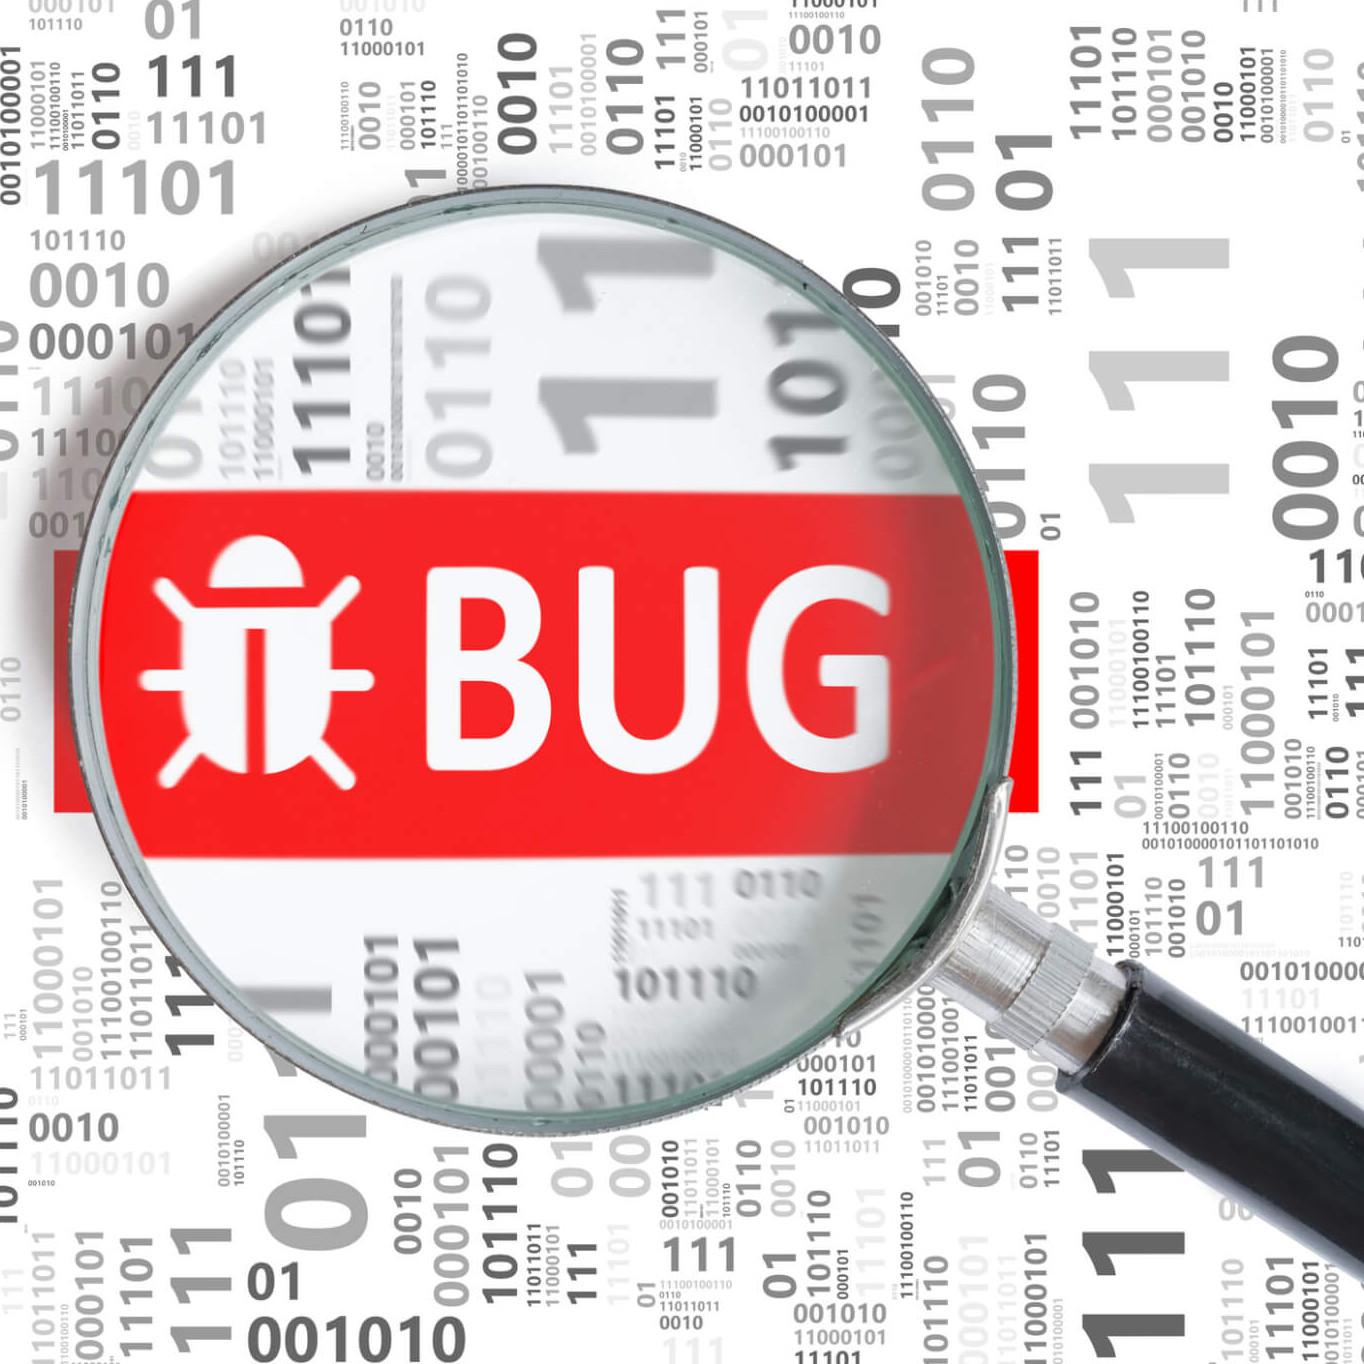 Found Bug